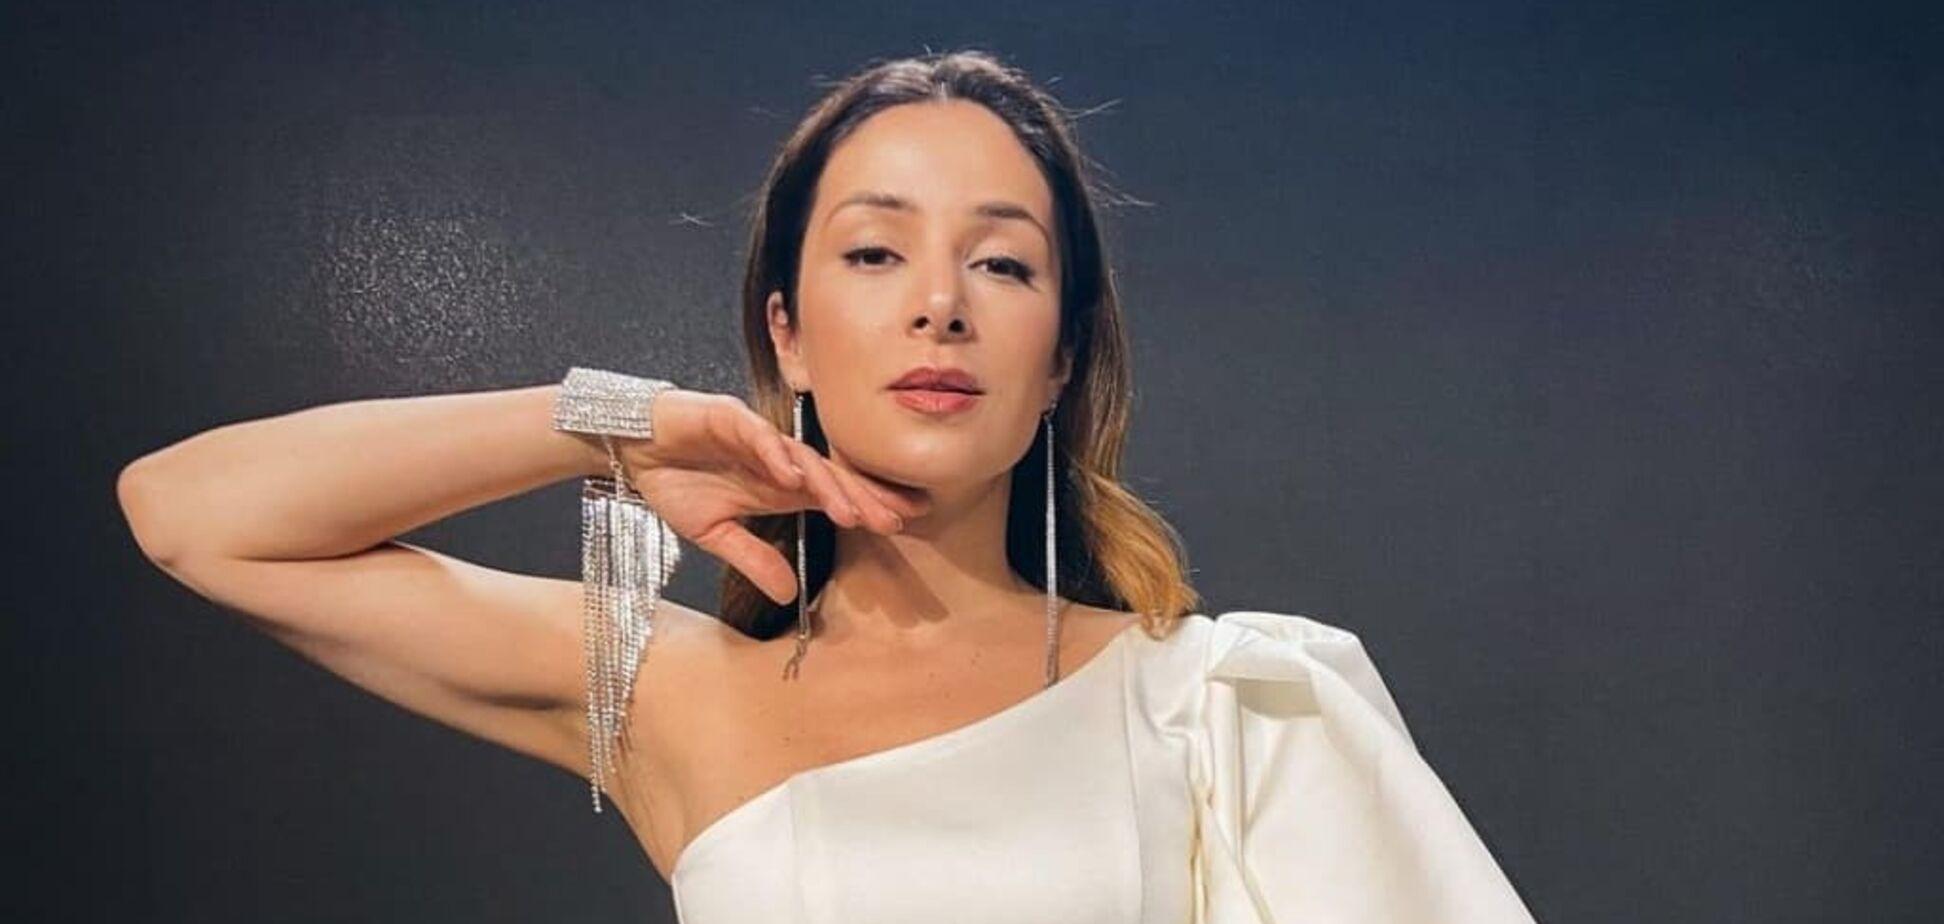 Злата Огнєвіч заспівала в новому жанрі і презентувала пісню